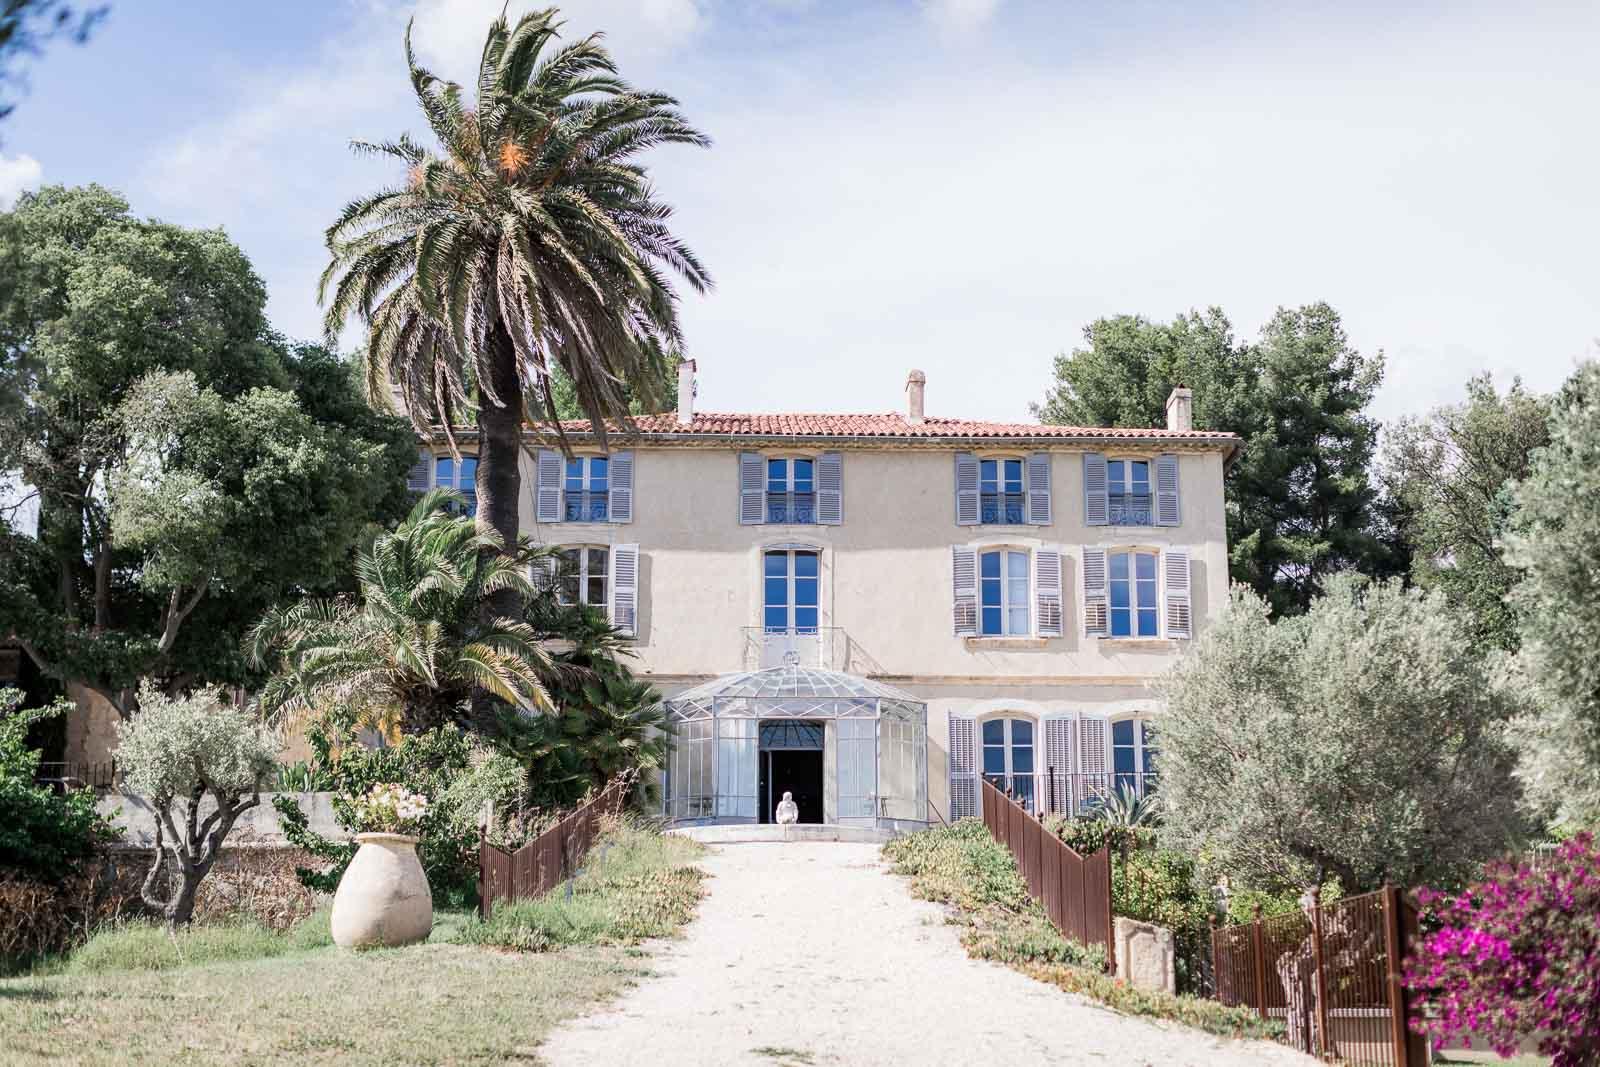 Photographie de Mathieu Dété présentant la façade de la Villa Brigac